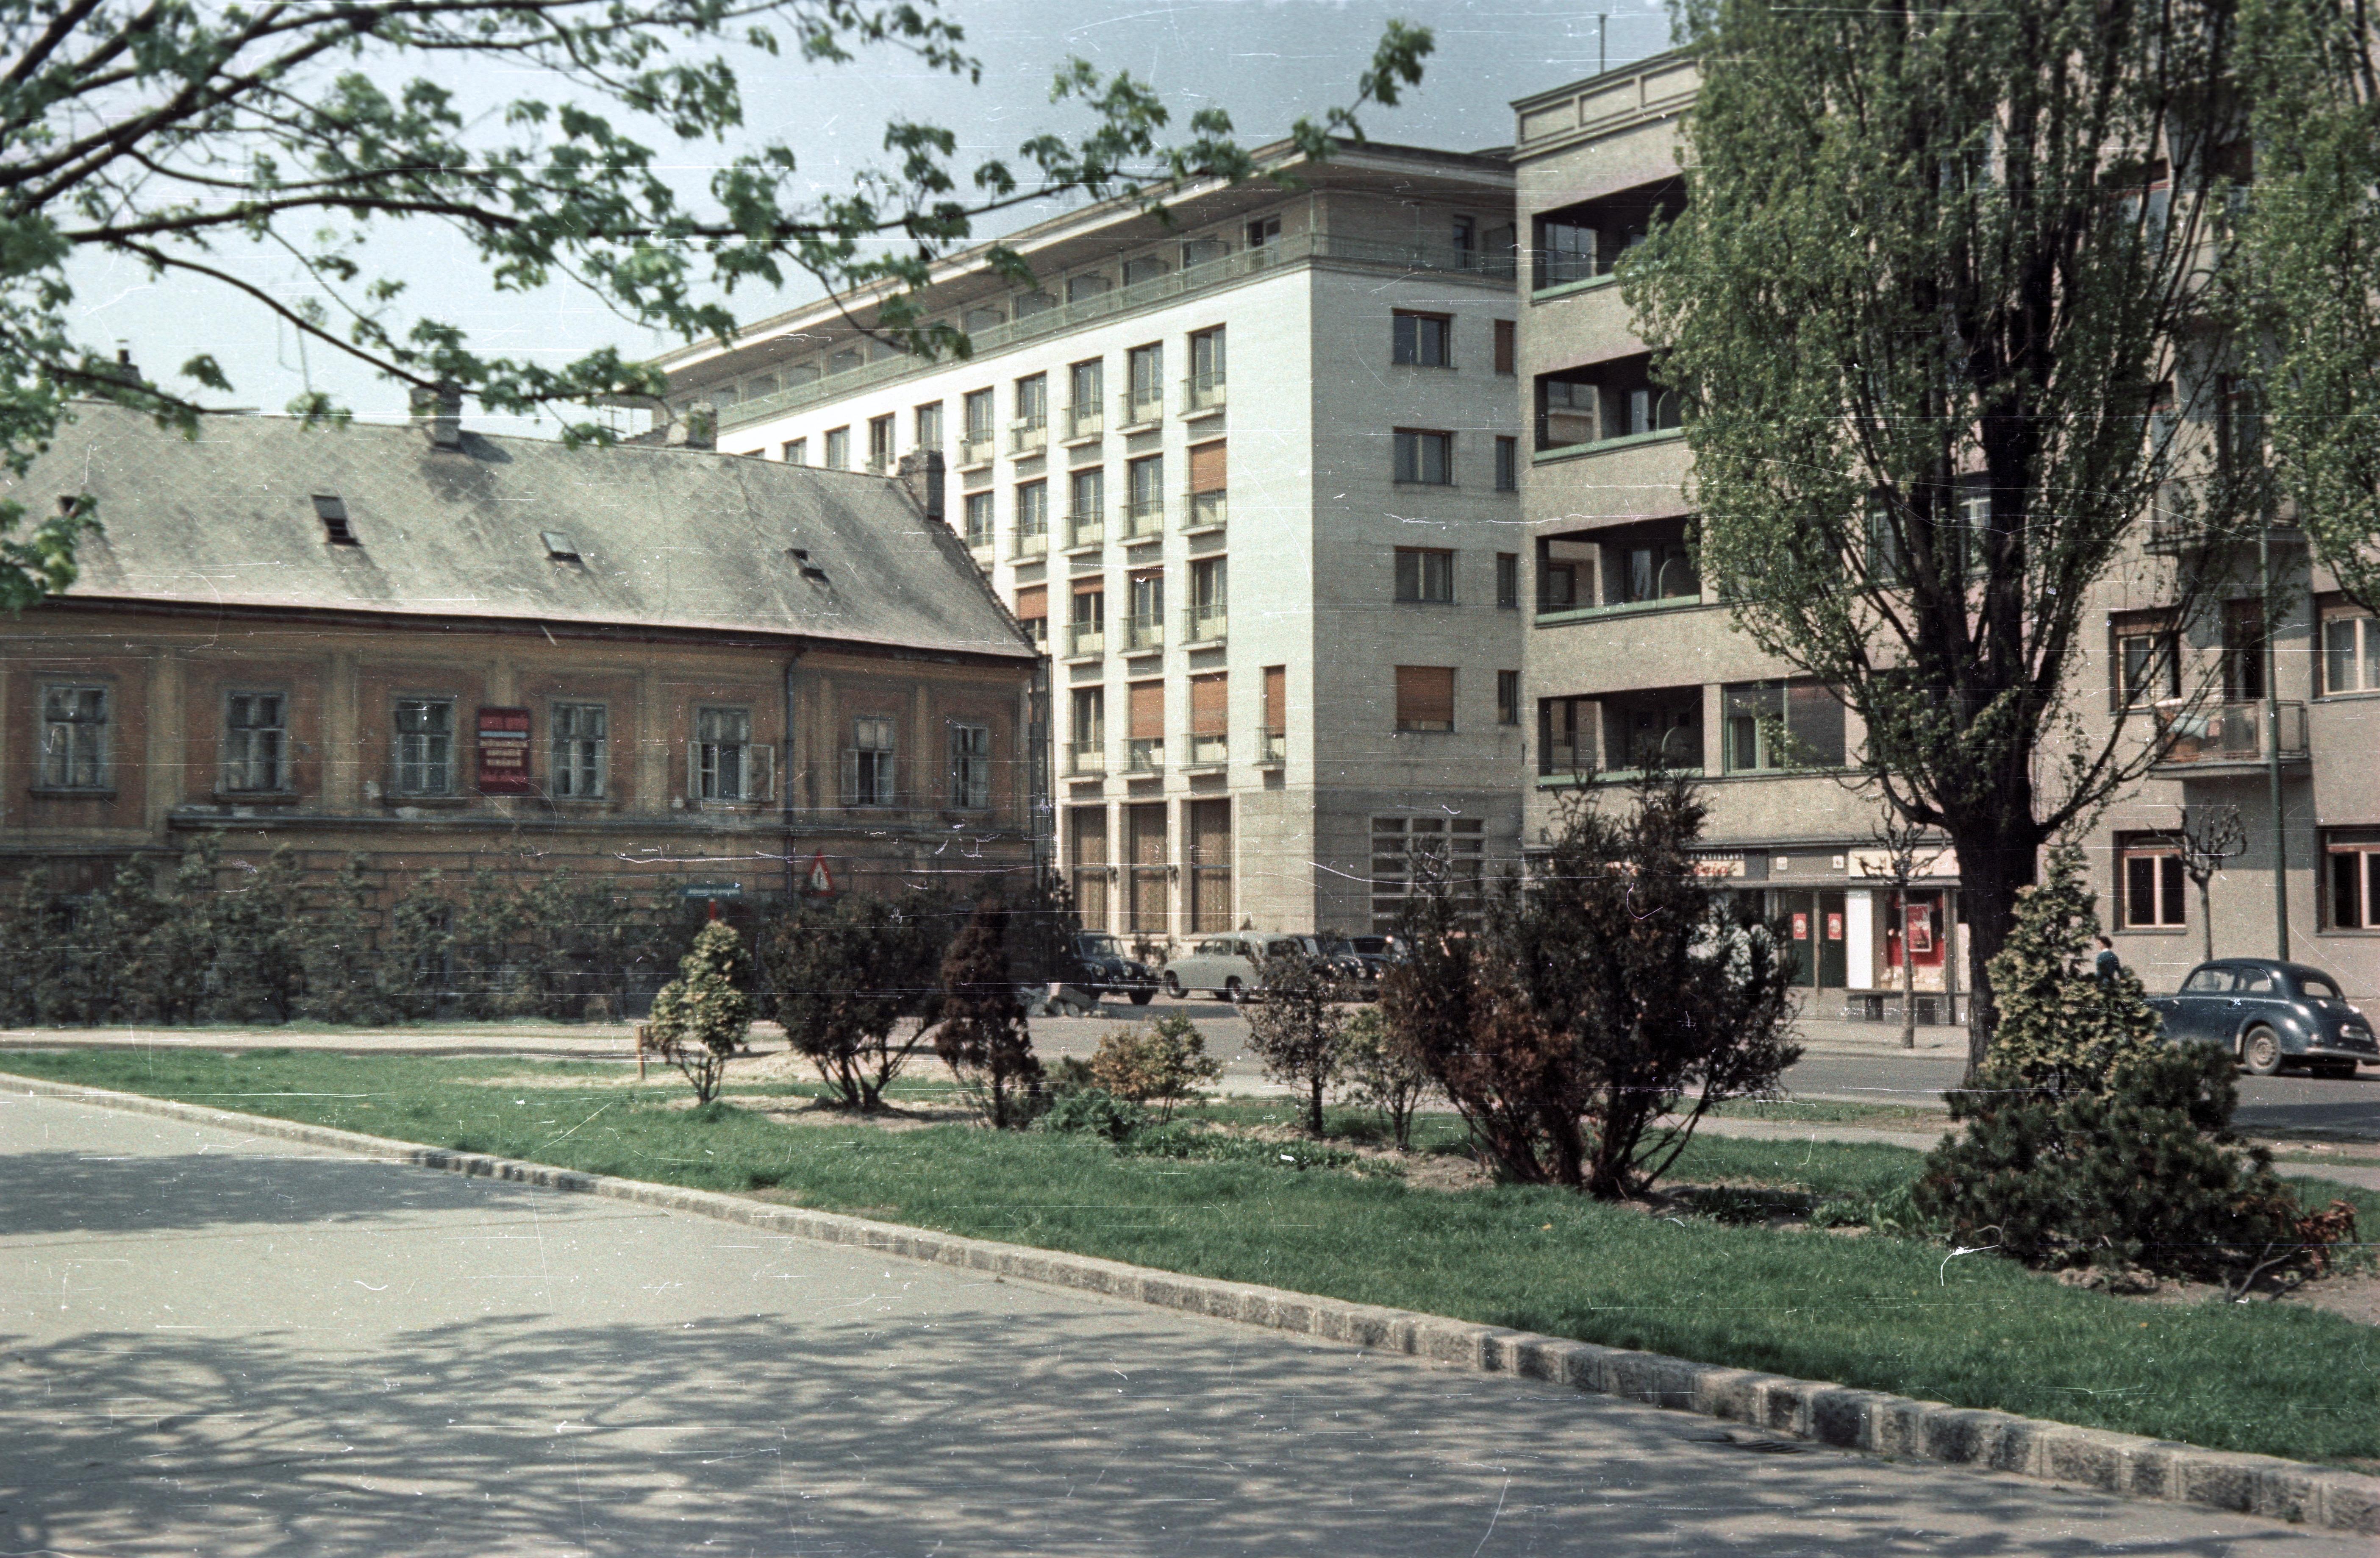 Братислава.  Дунайская набережная Разусова, отель «Девин» в центре